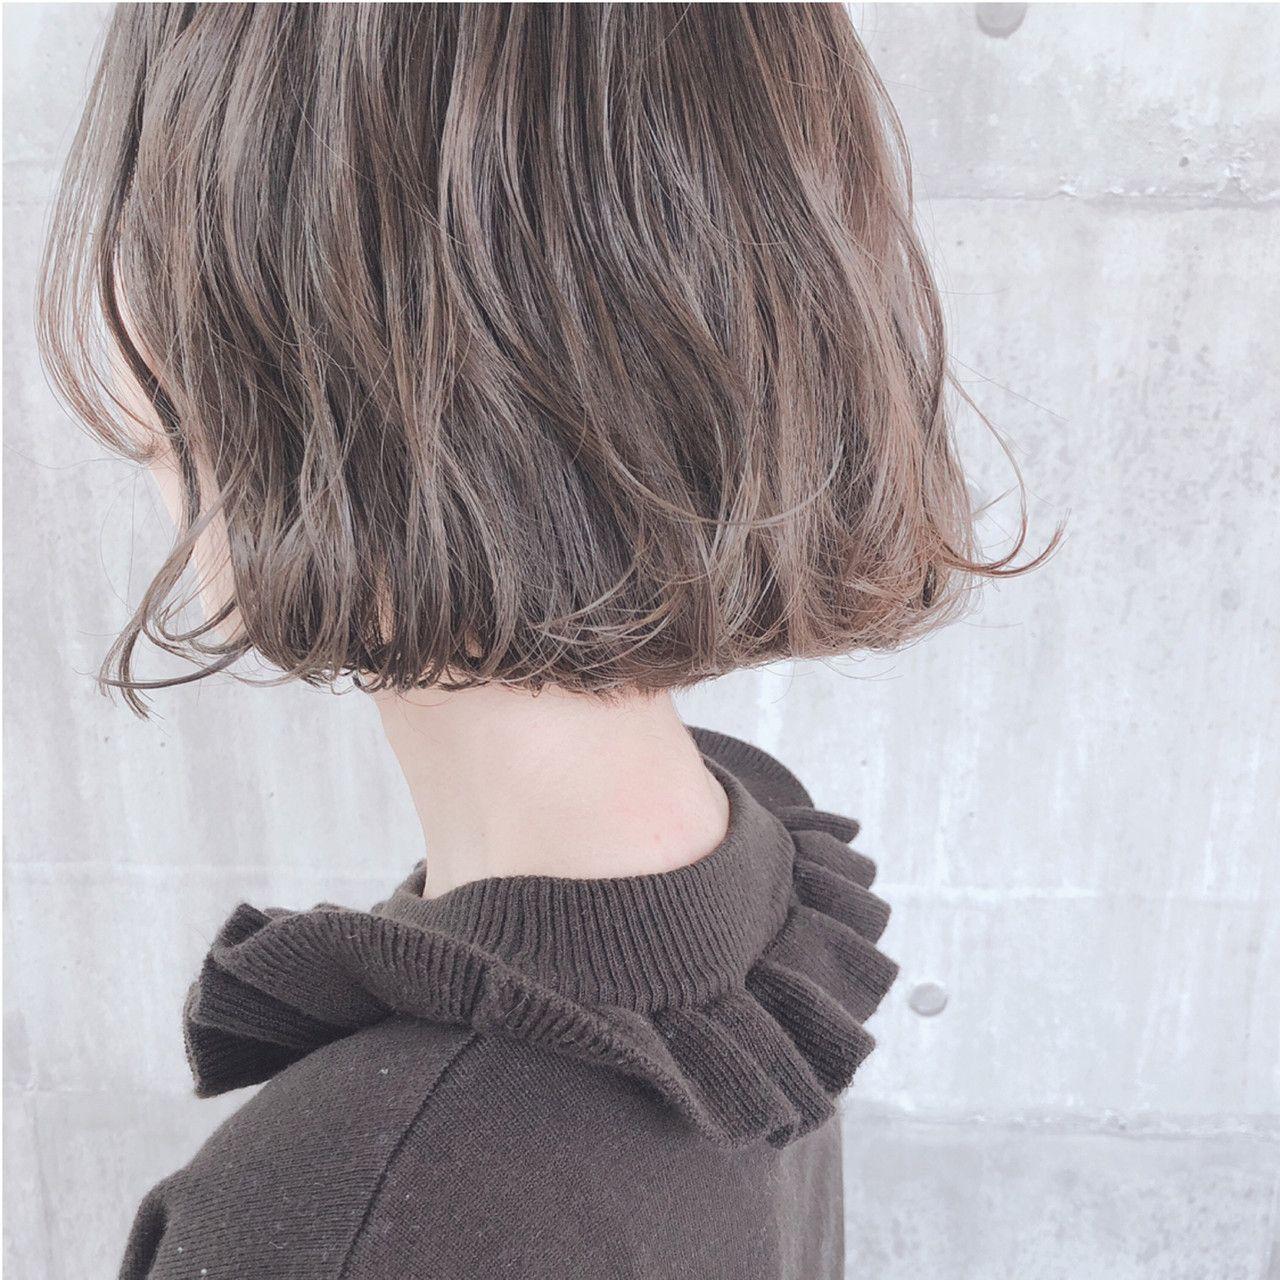 大人かわいい アッシュベージュ ボブ グレージュ ヘアスタイルや髪型の写真 画像 ヘアスタイル ロング ボブ ヘアスタイリング